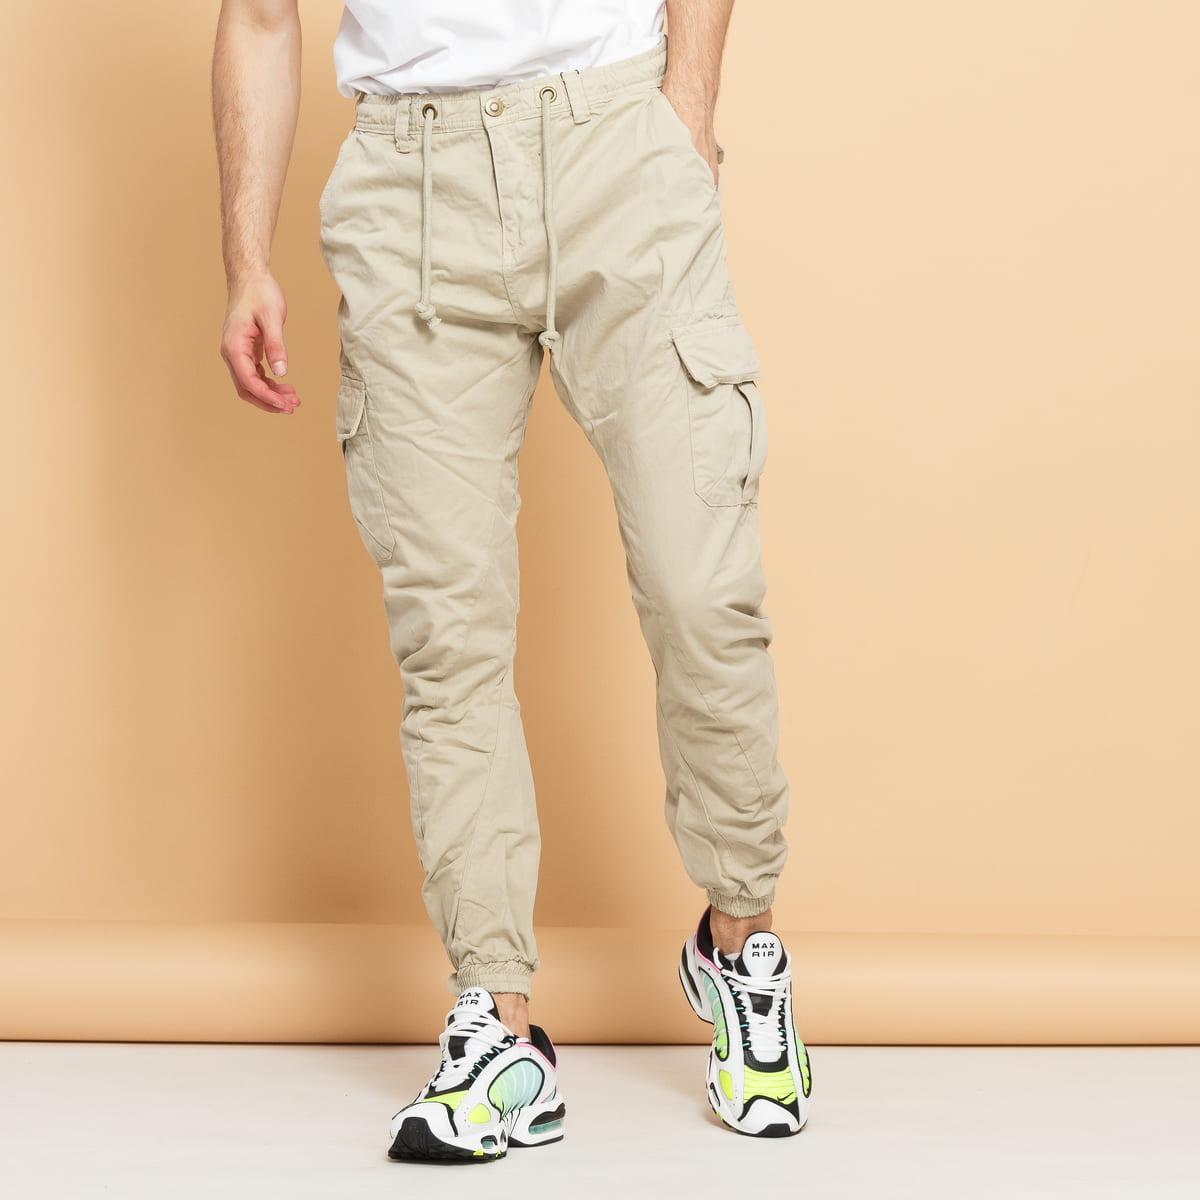 Cargo pants - ty nejlepší kalhoty na světě